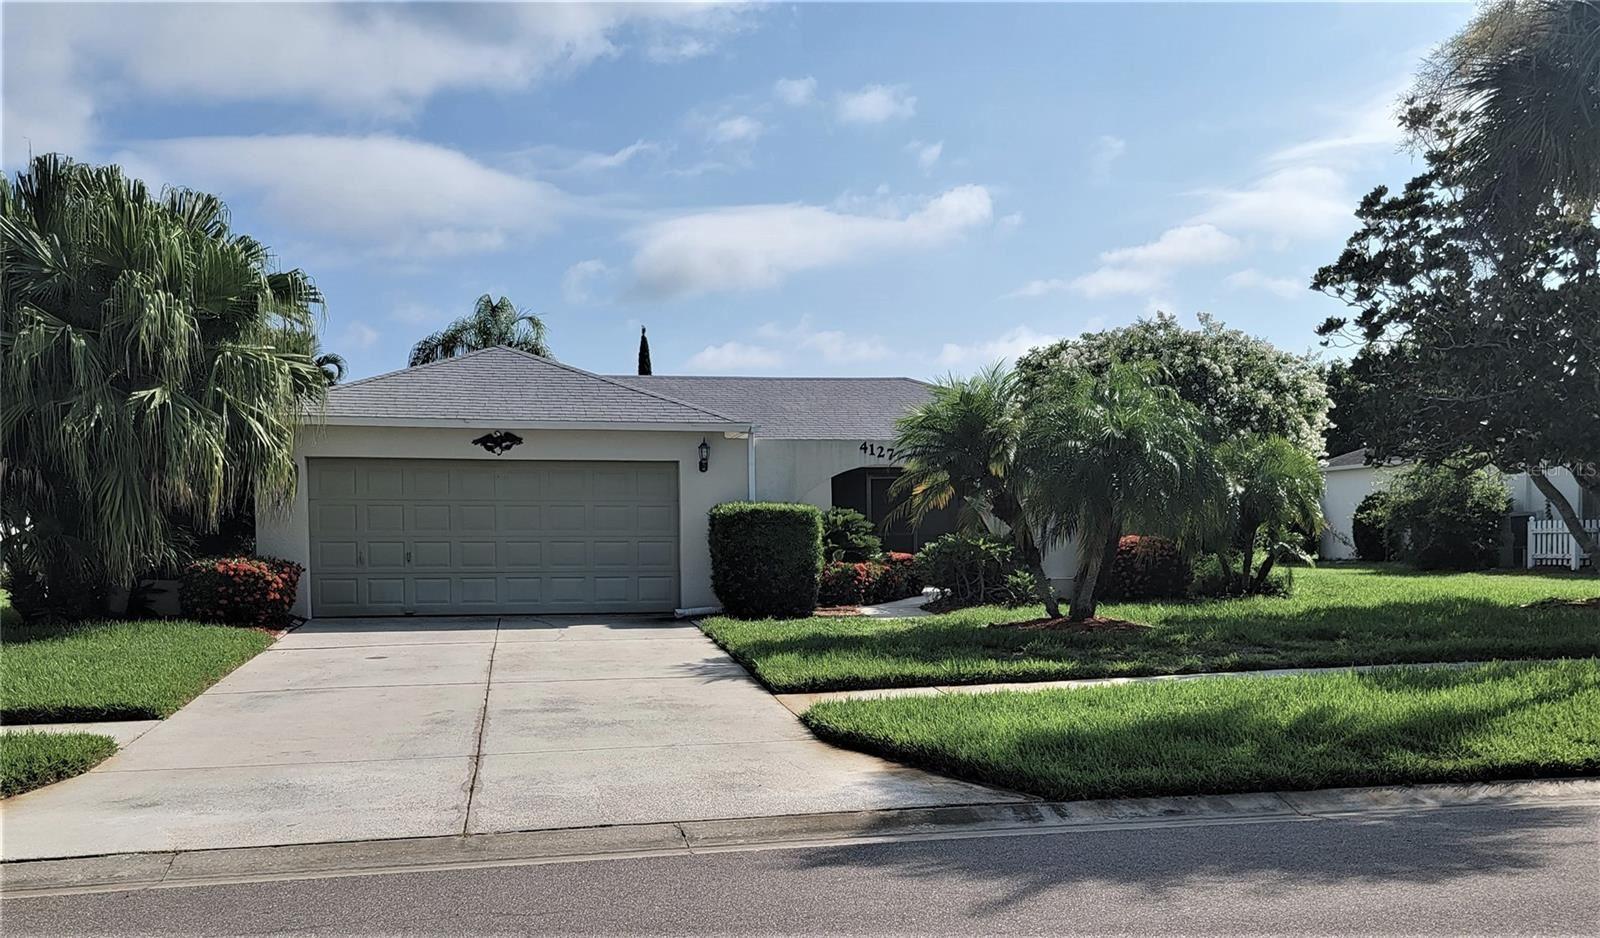 4127 KINGSTON WAY, Sarasota, FL 34238 - #: N6116704